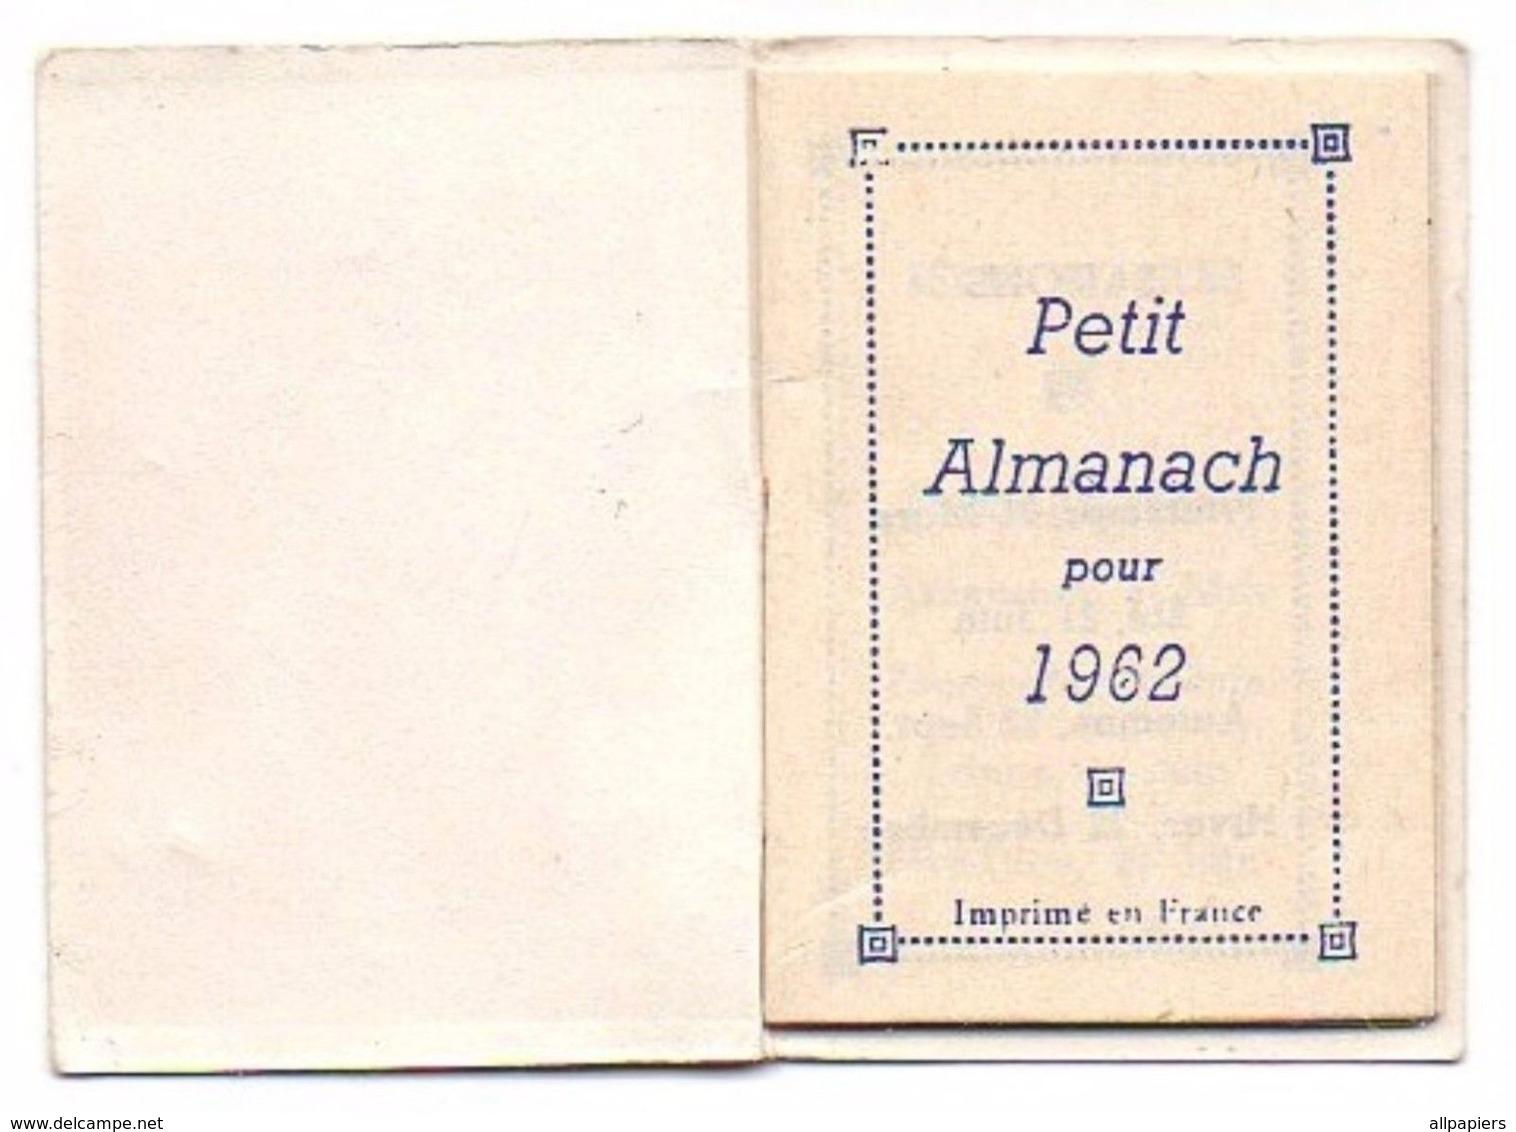 Petit Almanach Pour 1962 - Dimension : 5.5x4 Cm - Calendriers